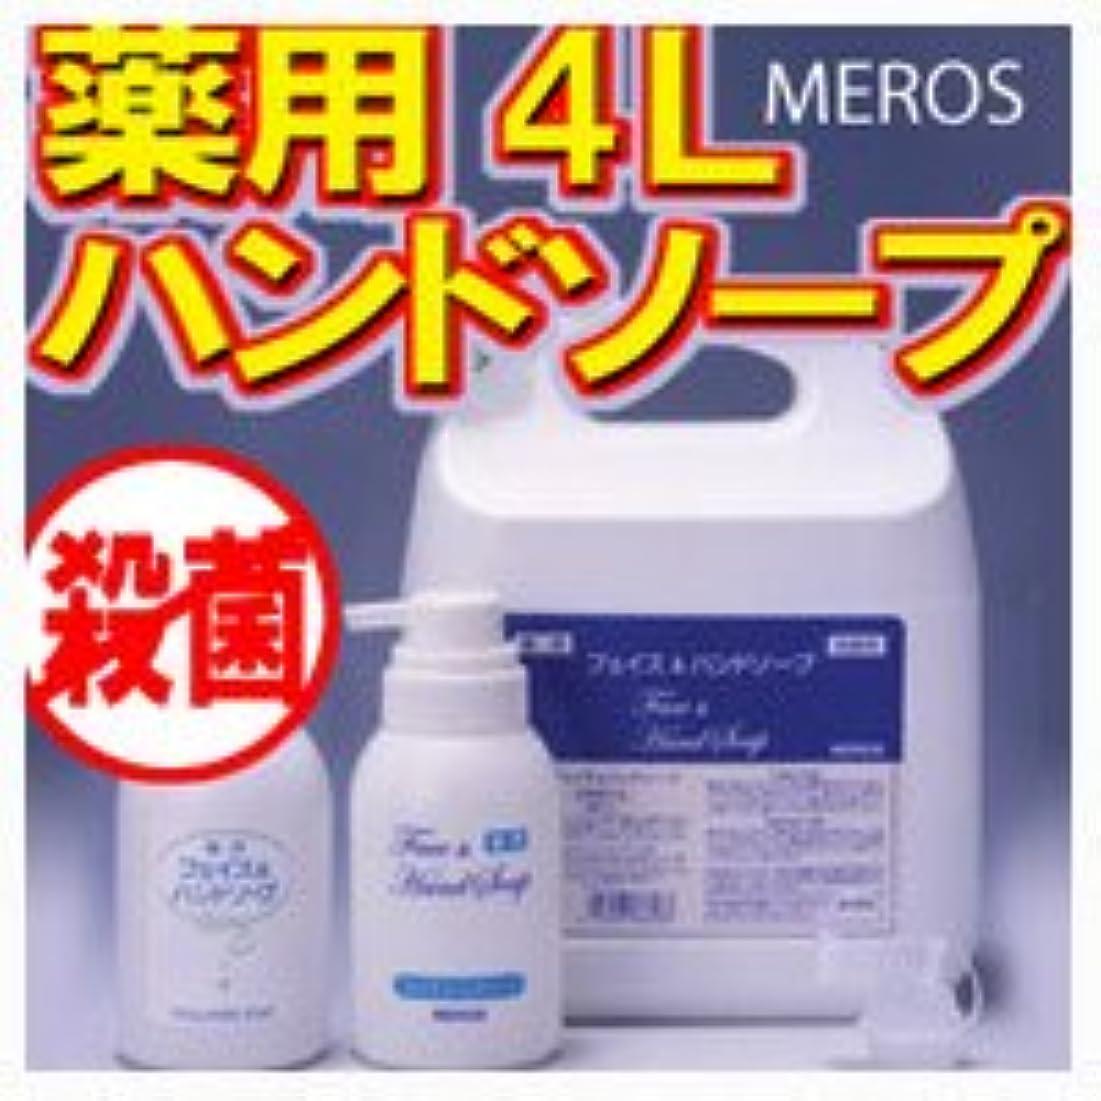 六月計算可能適合するメロス 薬用ハンドソープ 4L 【泡ポンプボトル付き】